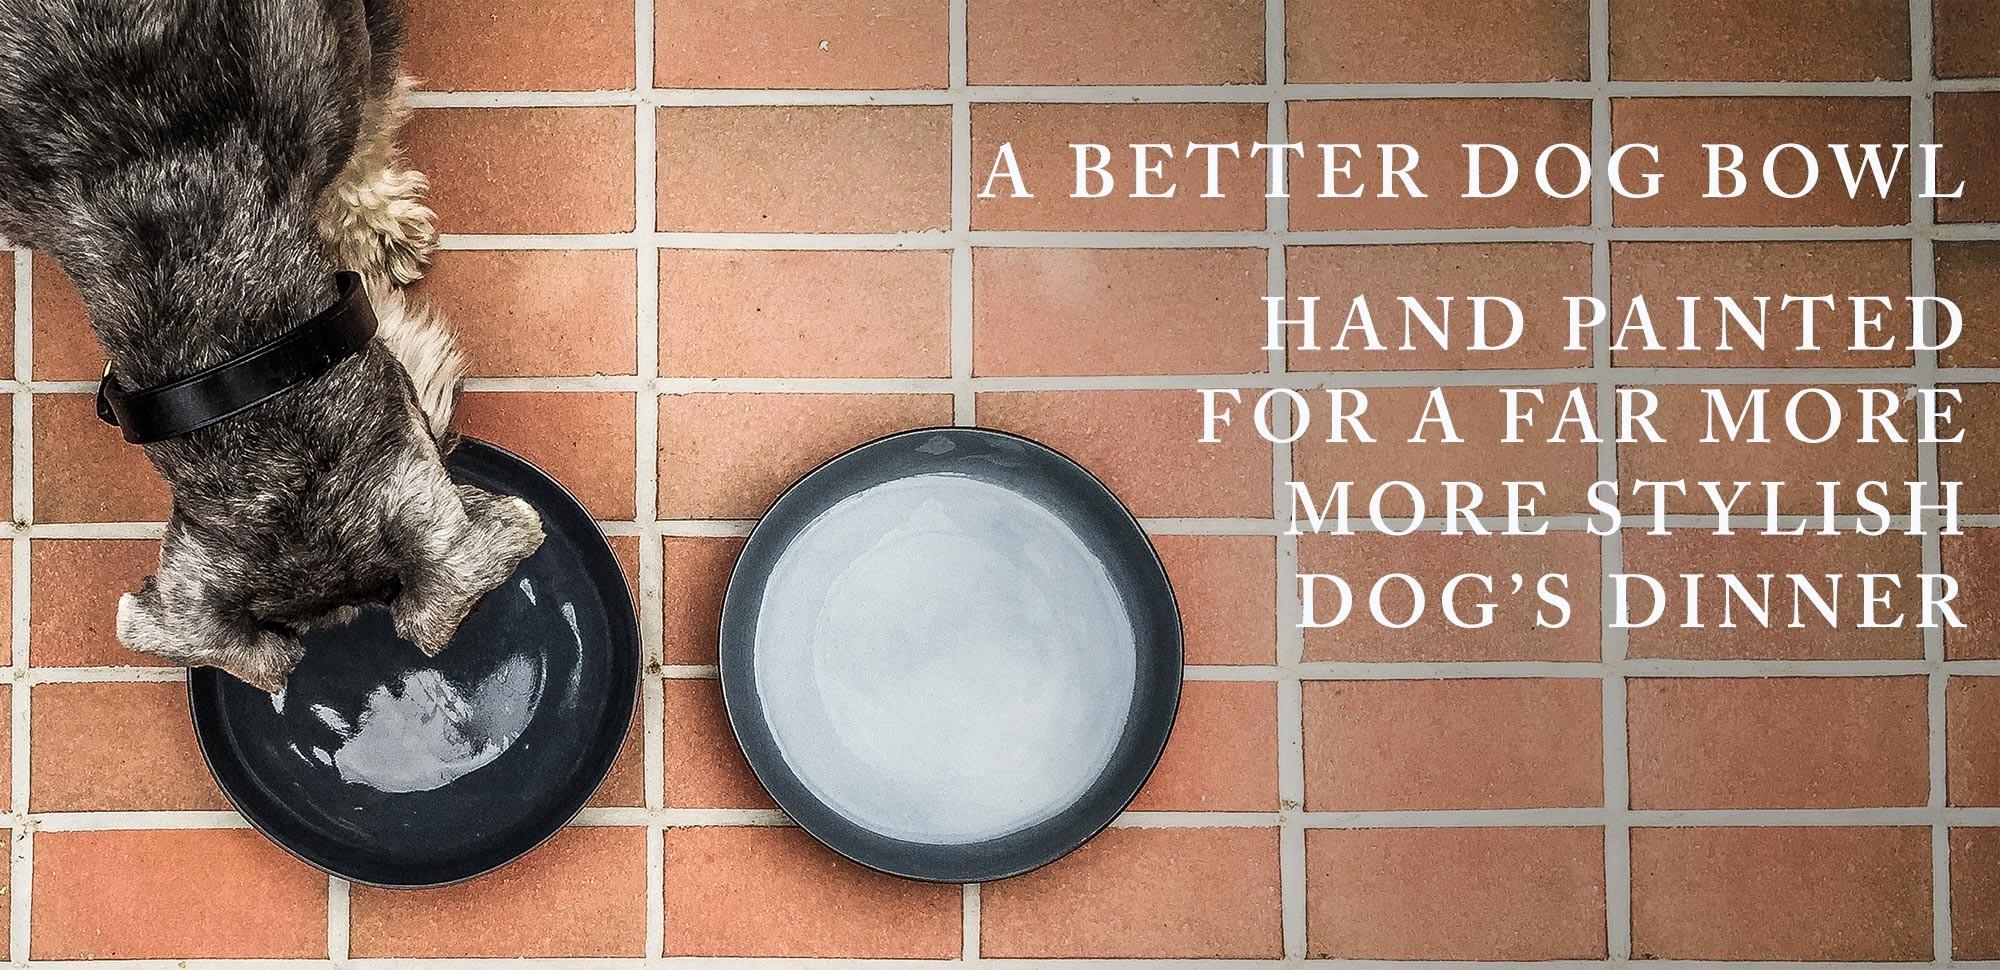 A better dog bowl